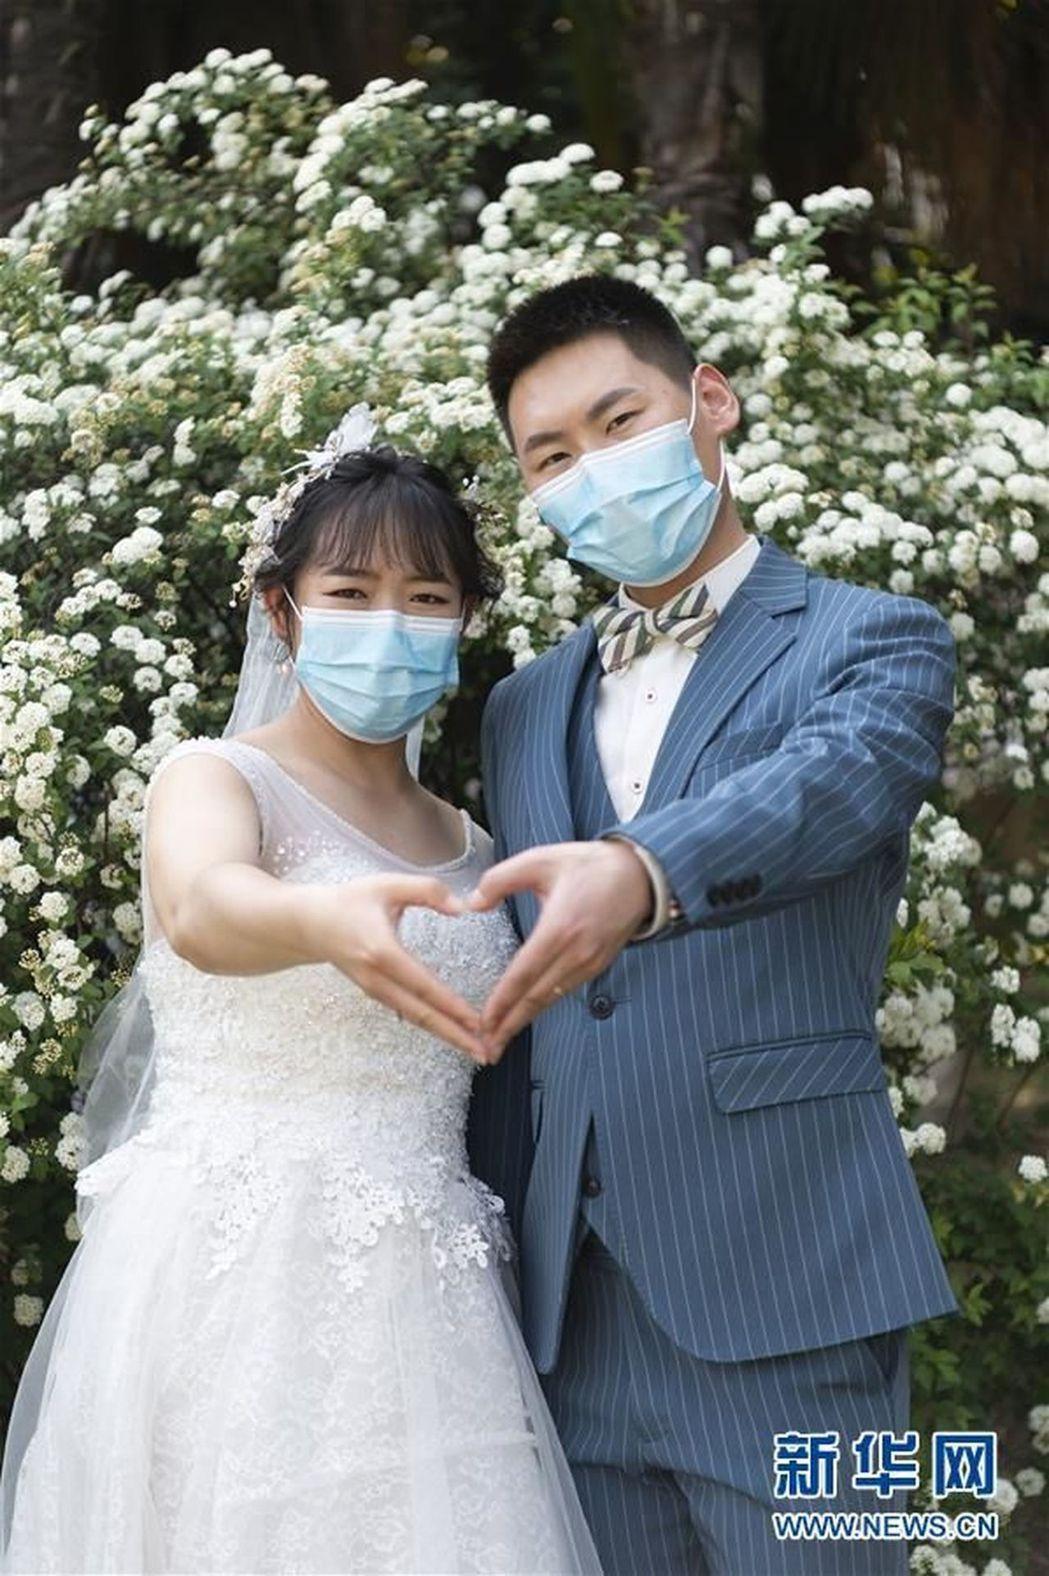 有人戴口罩拍攝婚紗照(取材自新華網)